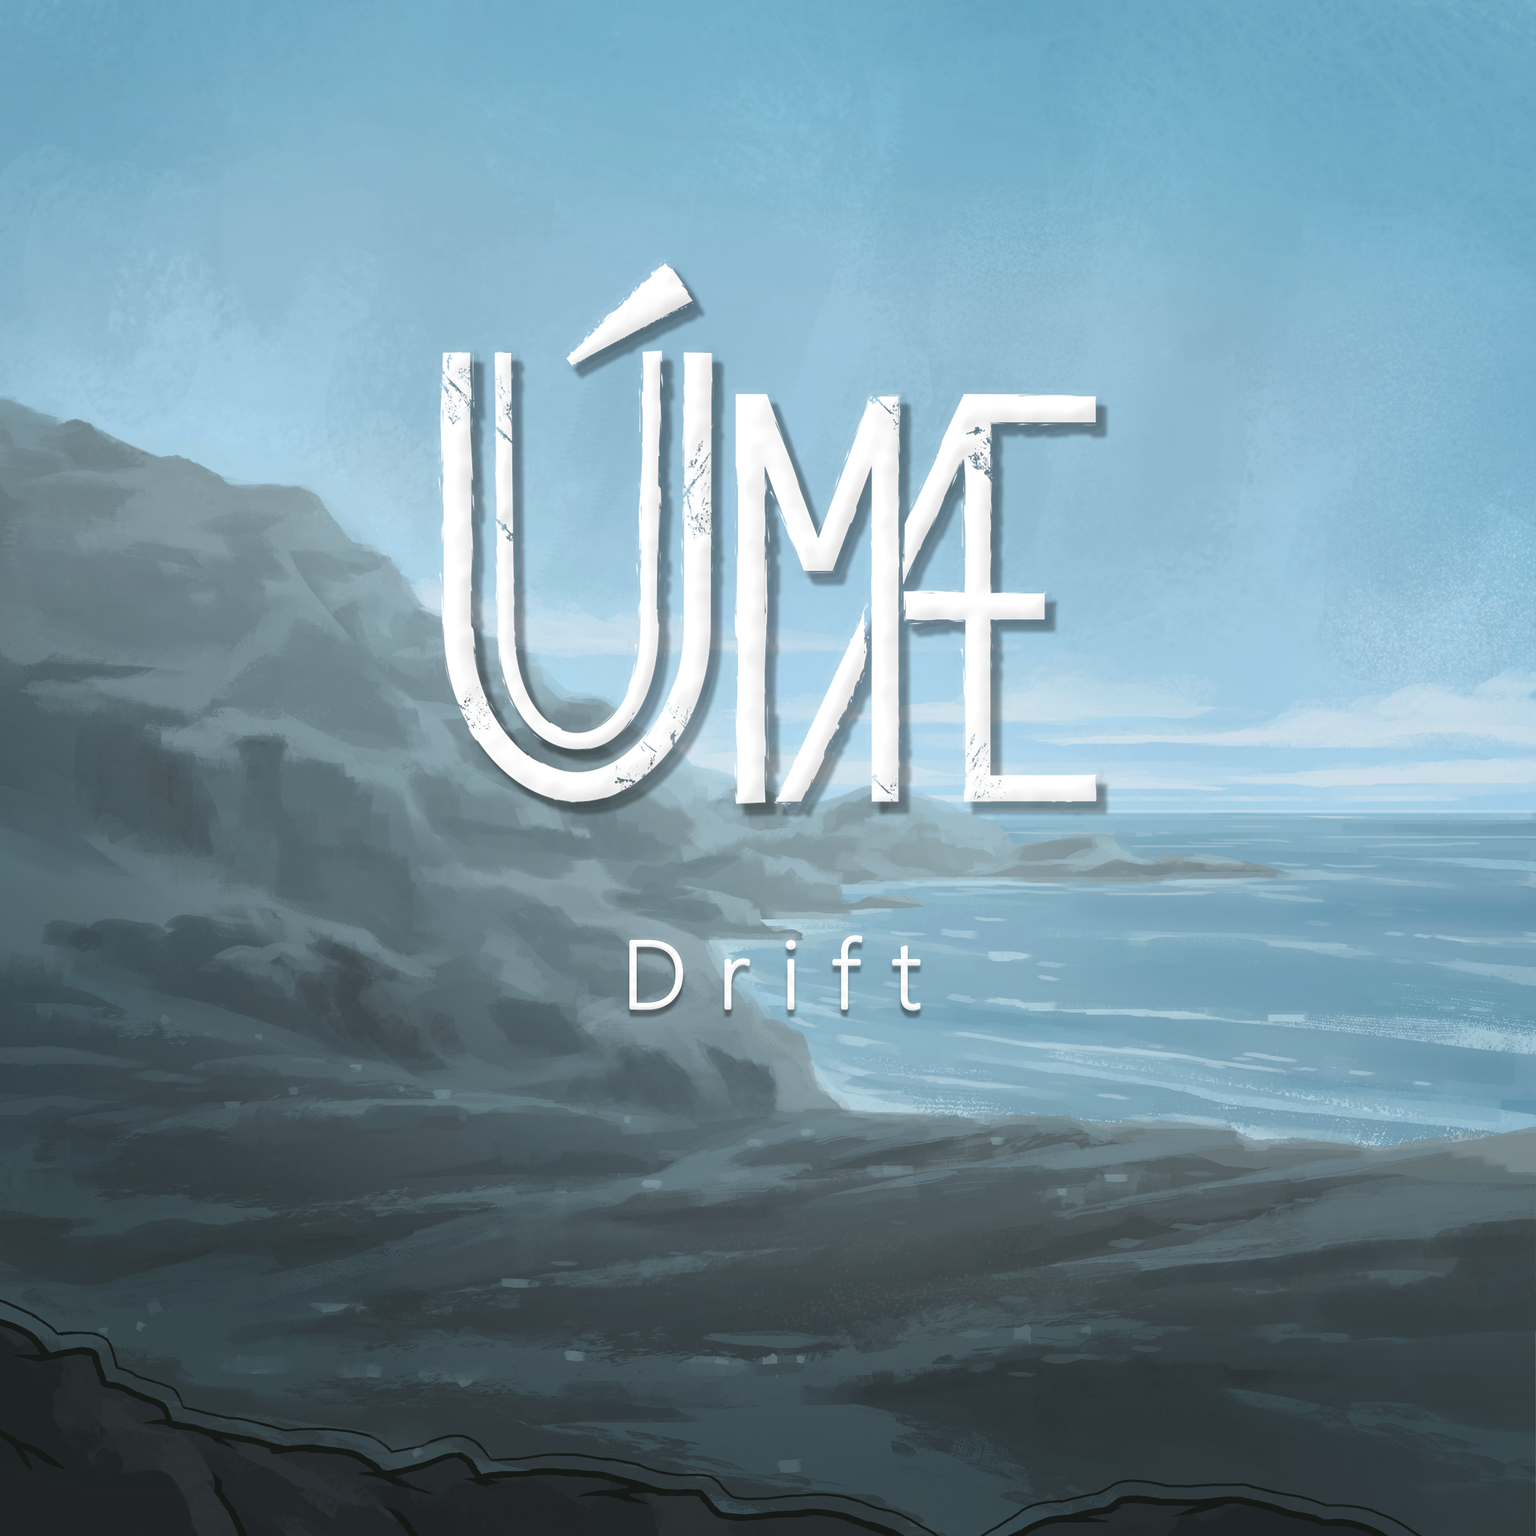 UMÆ - Drift